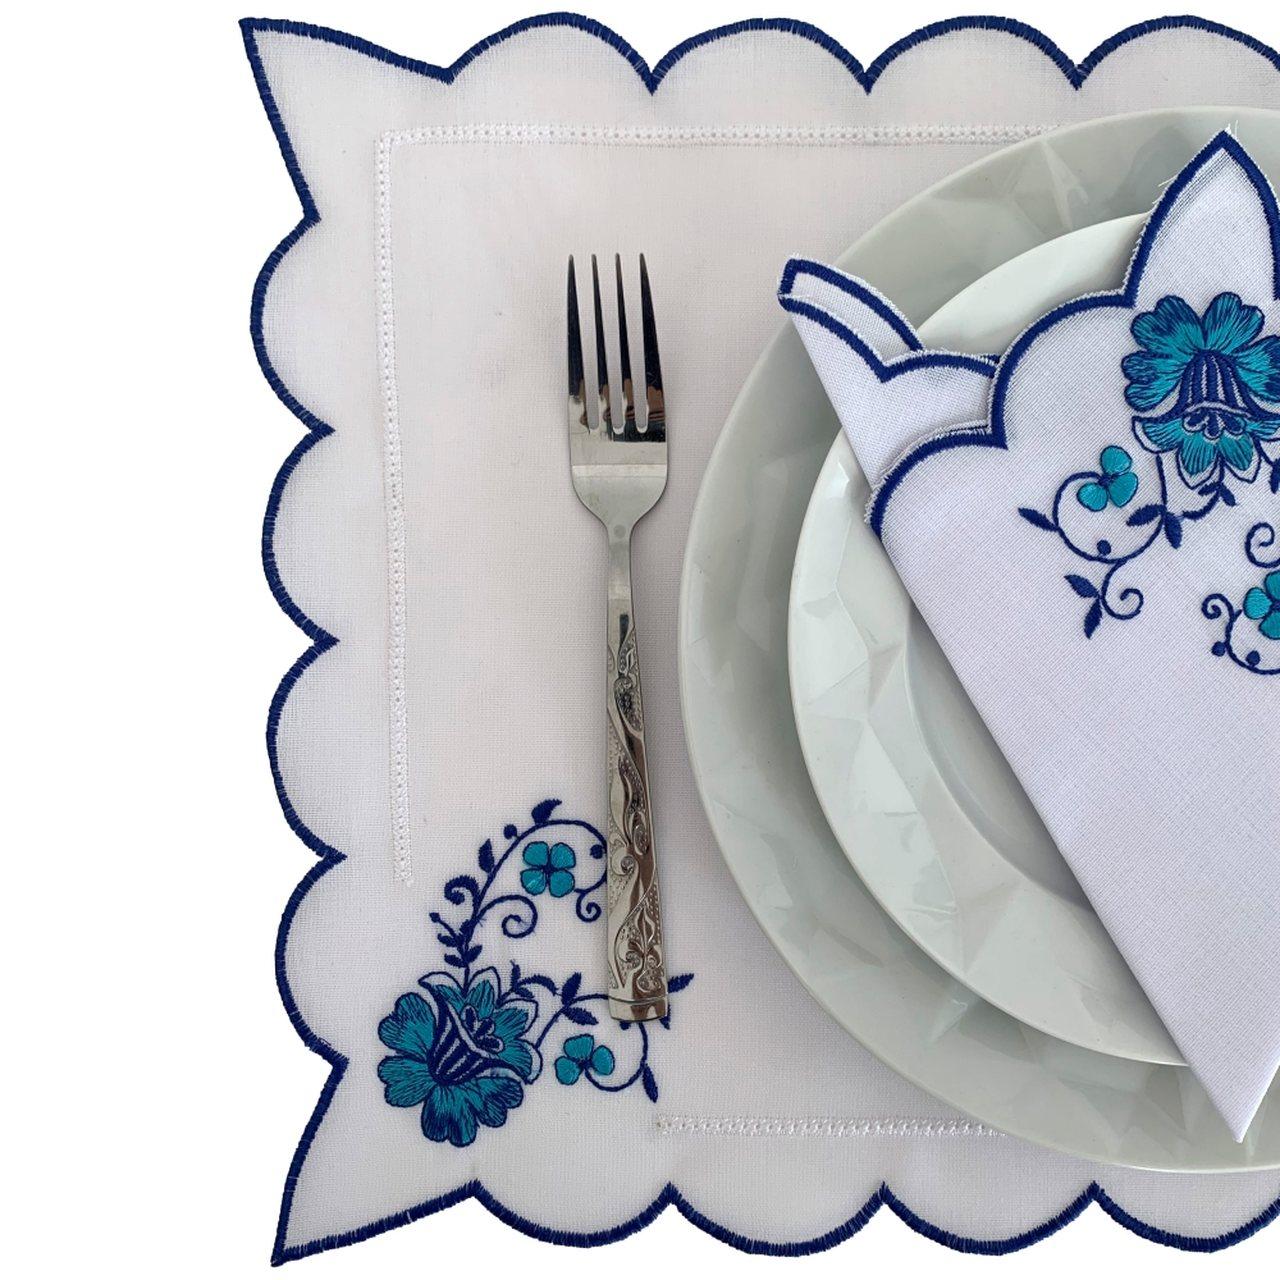 Kit de Jogo Americano com Guardanapo Azul e Branco Bordado